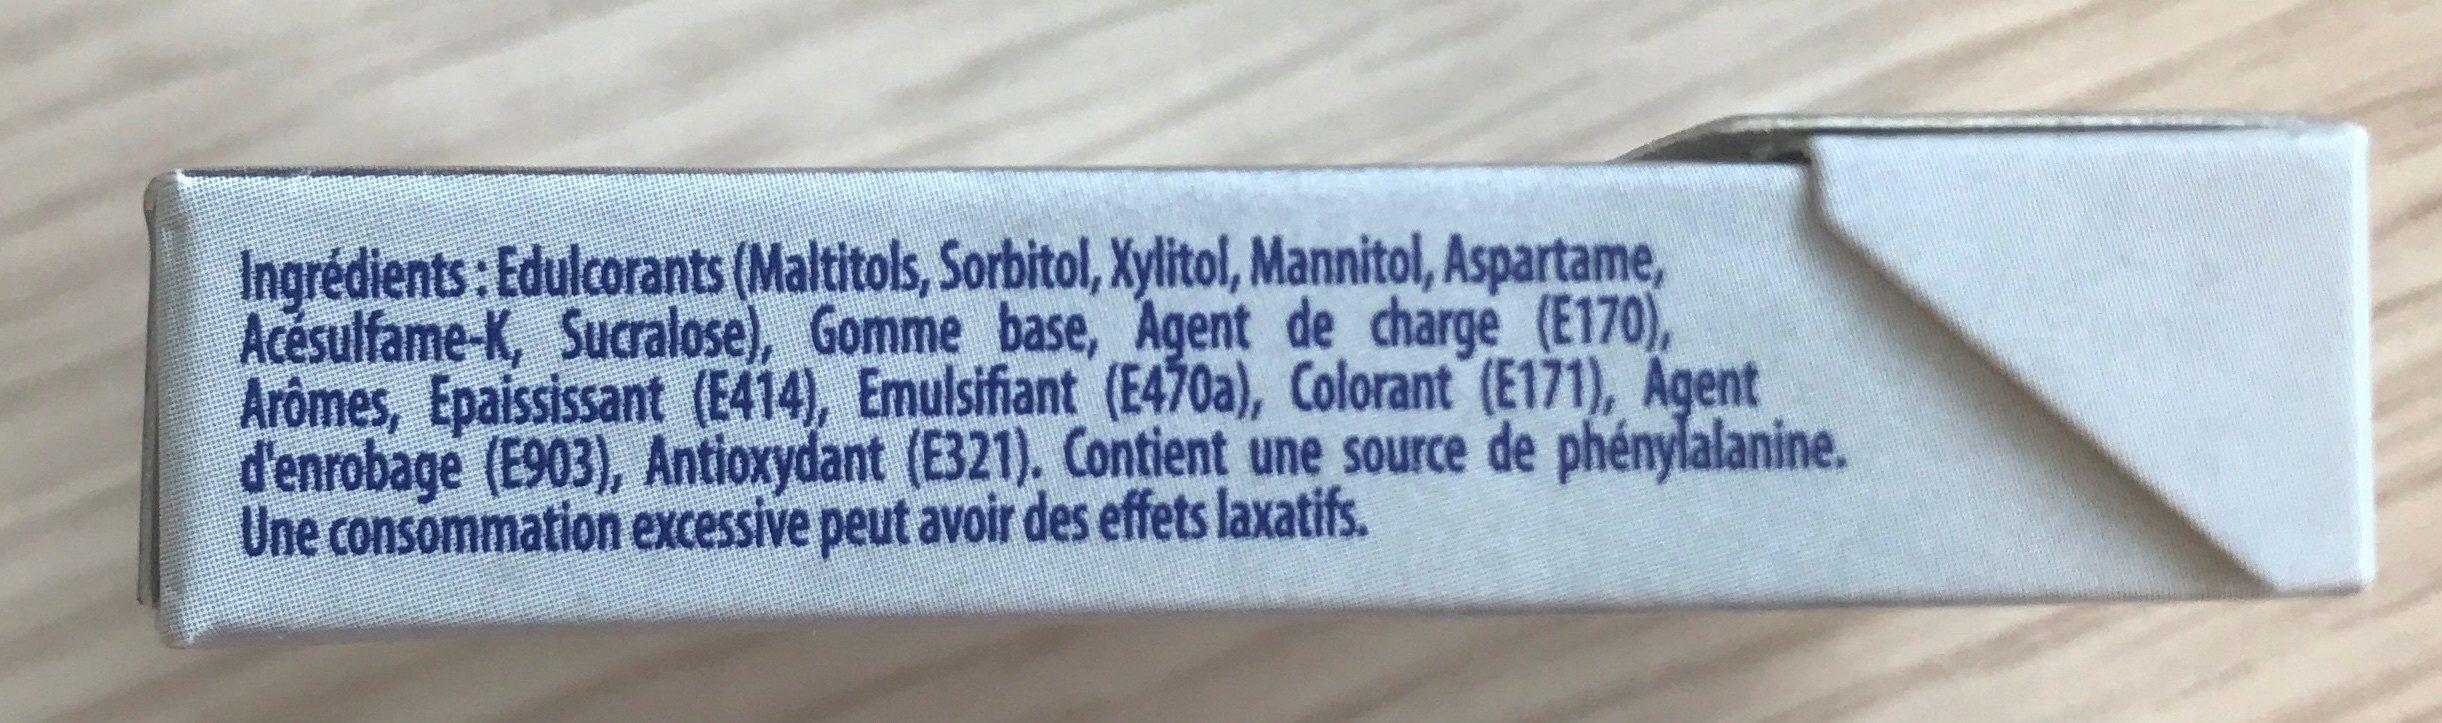 Blancheur parfum menthe polaire - Inhaltsstoffe